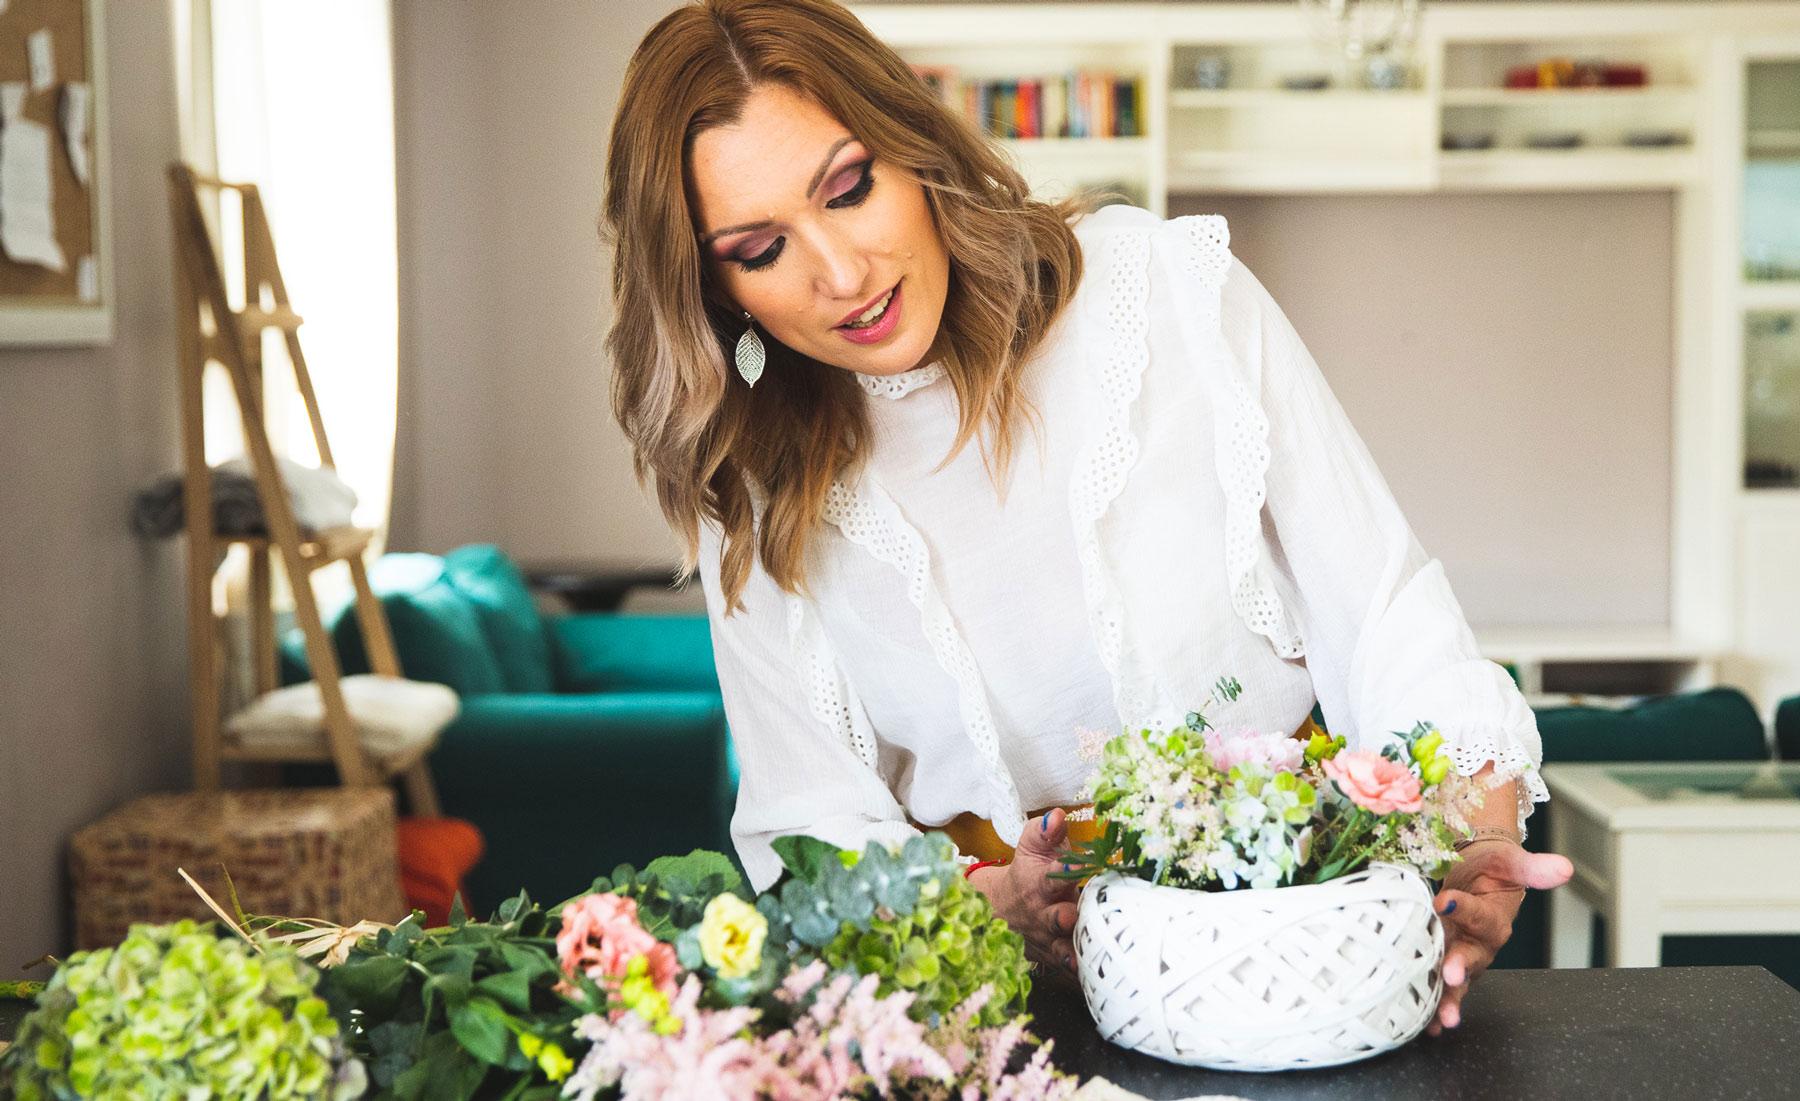 Flori cu Sens Ioana Marinescu Coaching Floral